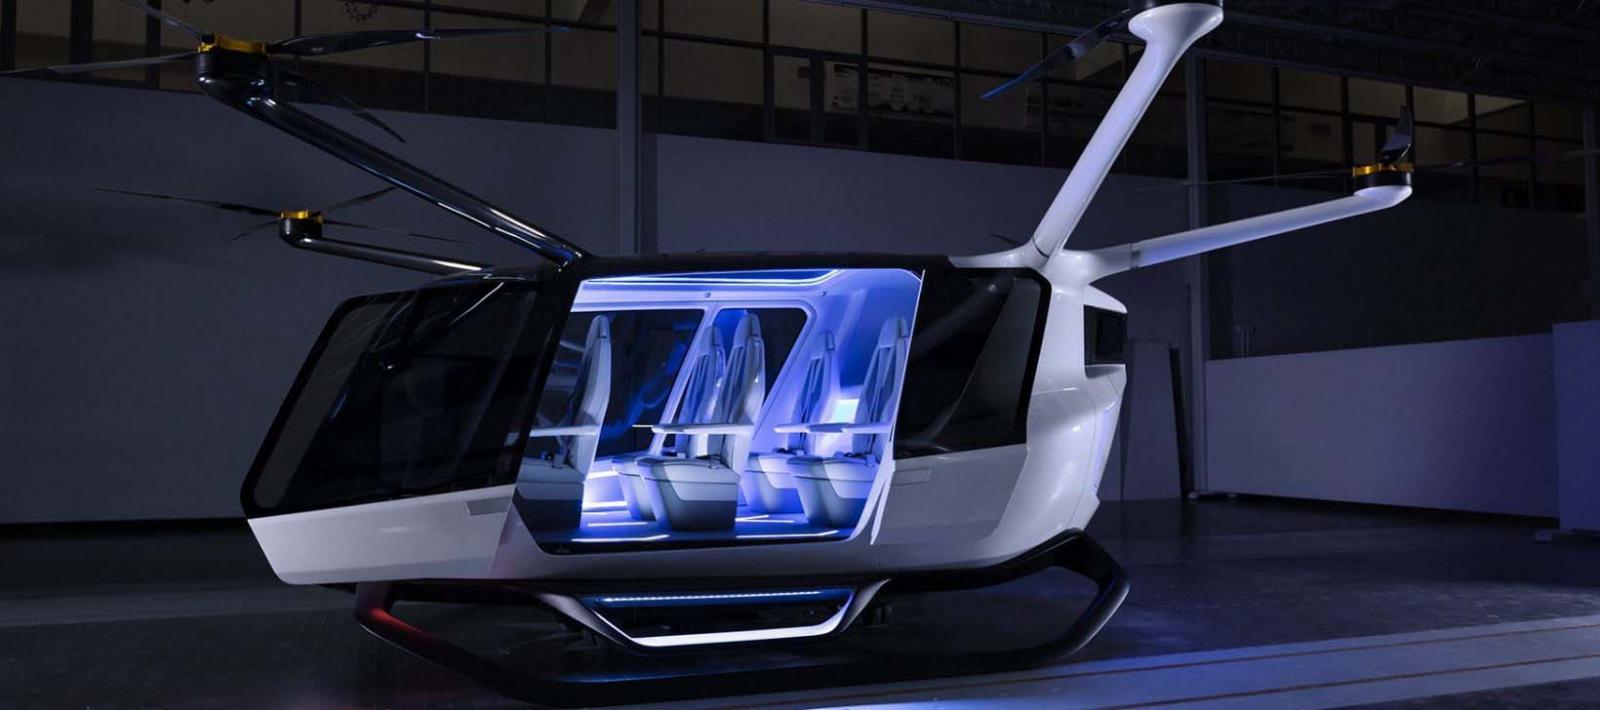 El diseño del Skai Flying Car es tipo helicóptero